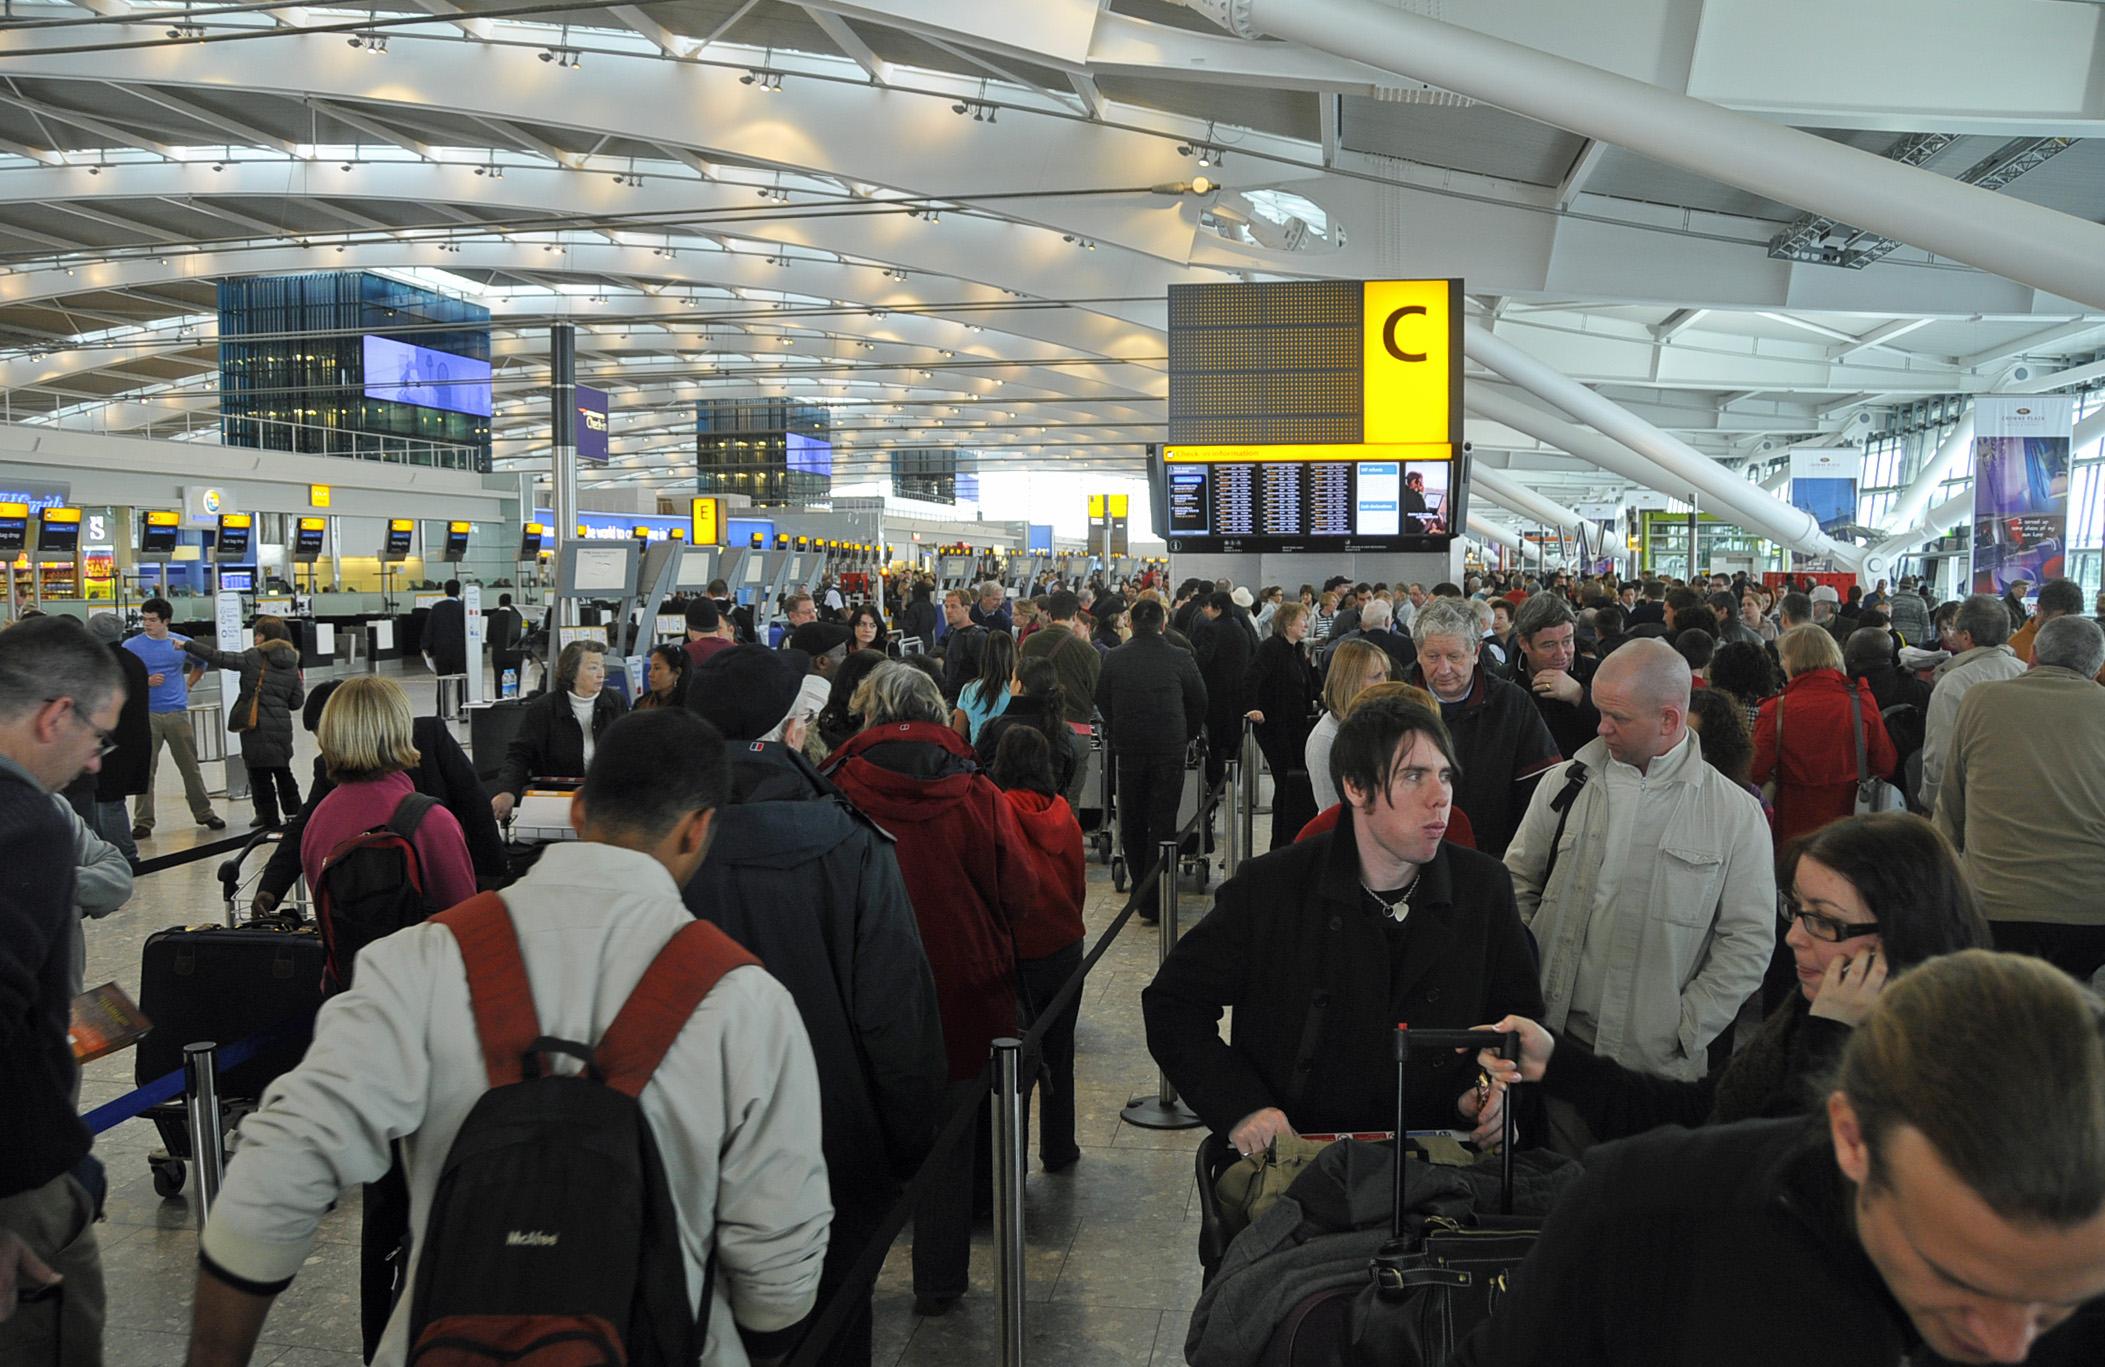 Aeroporto londra heathrow acquisto dei biglietti per arrivare